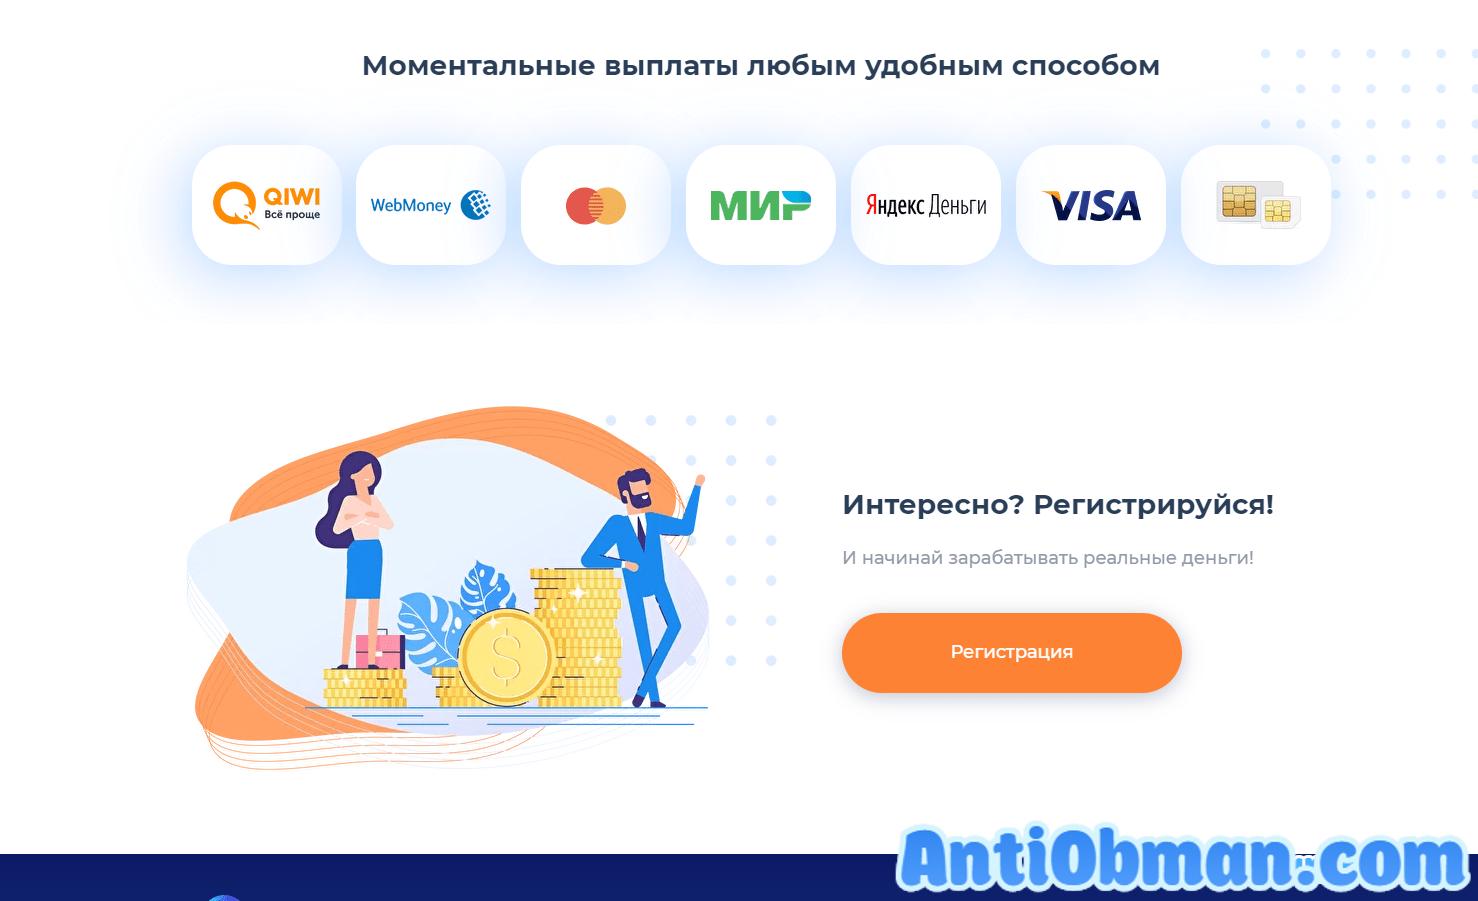 CashForApp отзывы и обзор компании